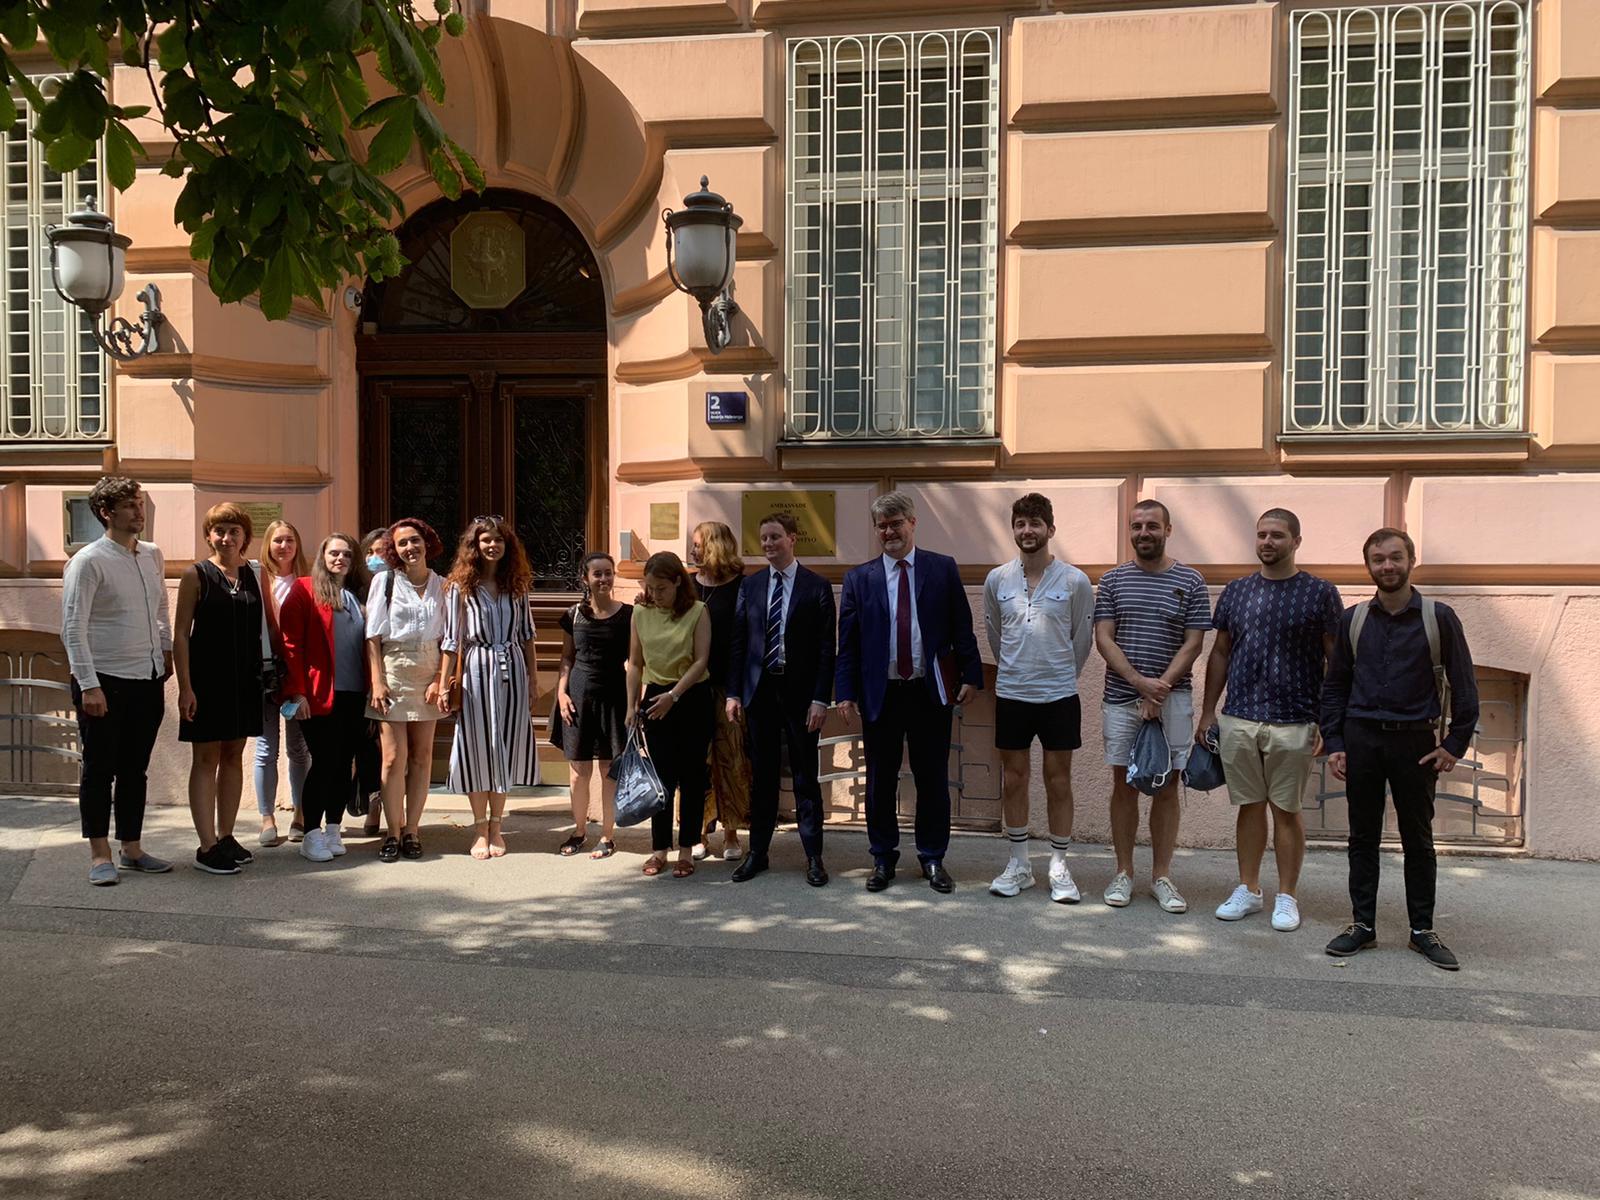 Francuski državni tajnik za EU susreo se u Zagrebu s volonterima Europskih snaga solidarnosti - Slika 1